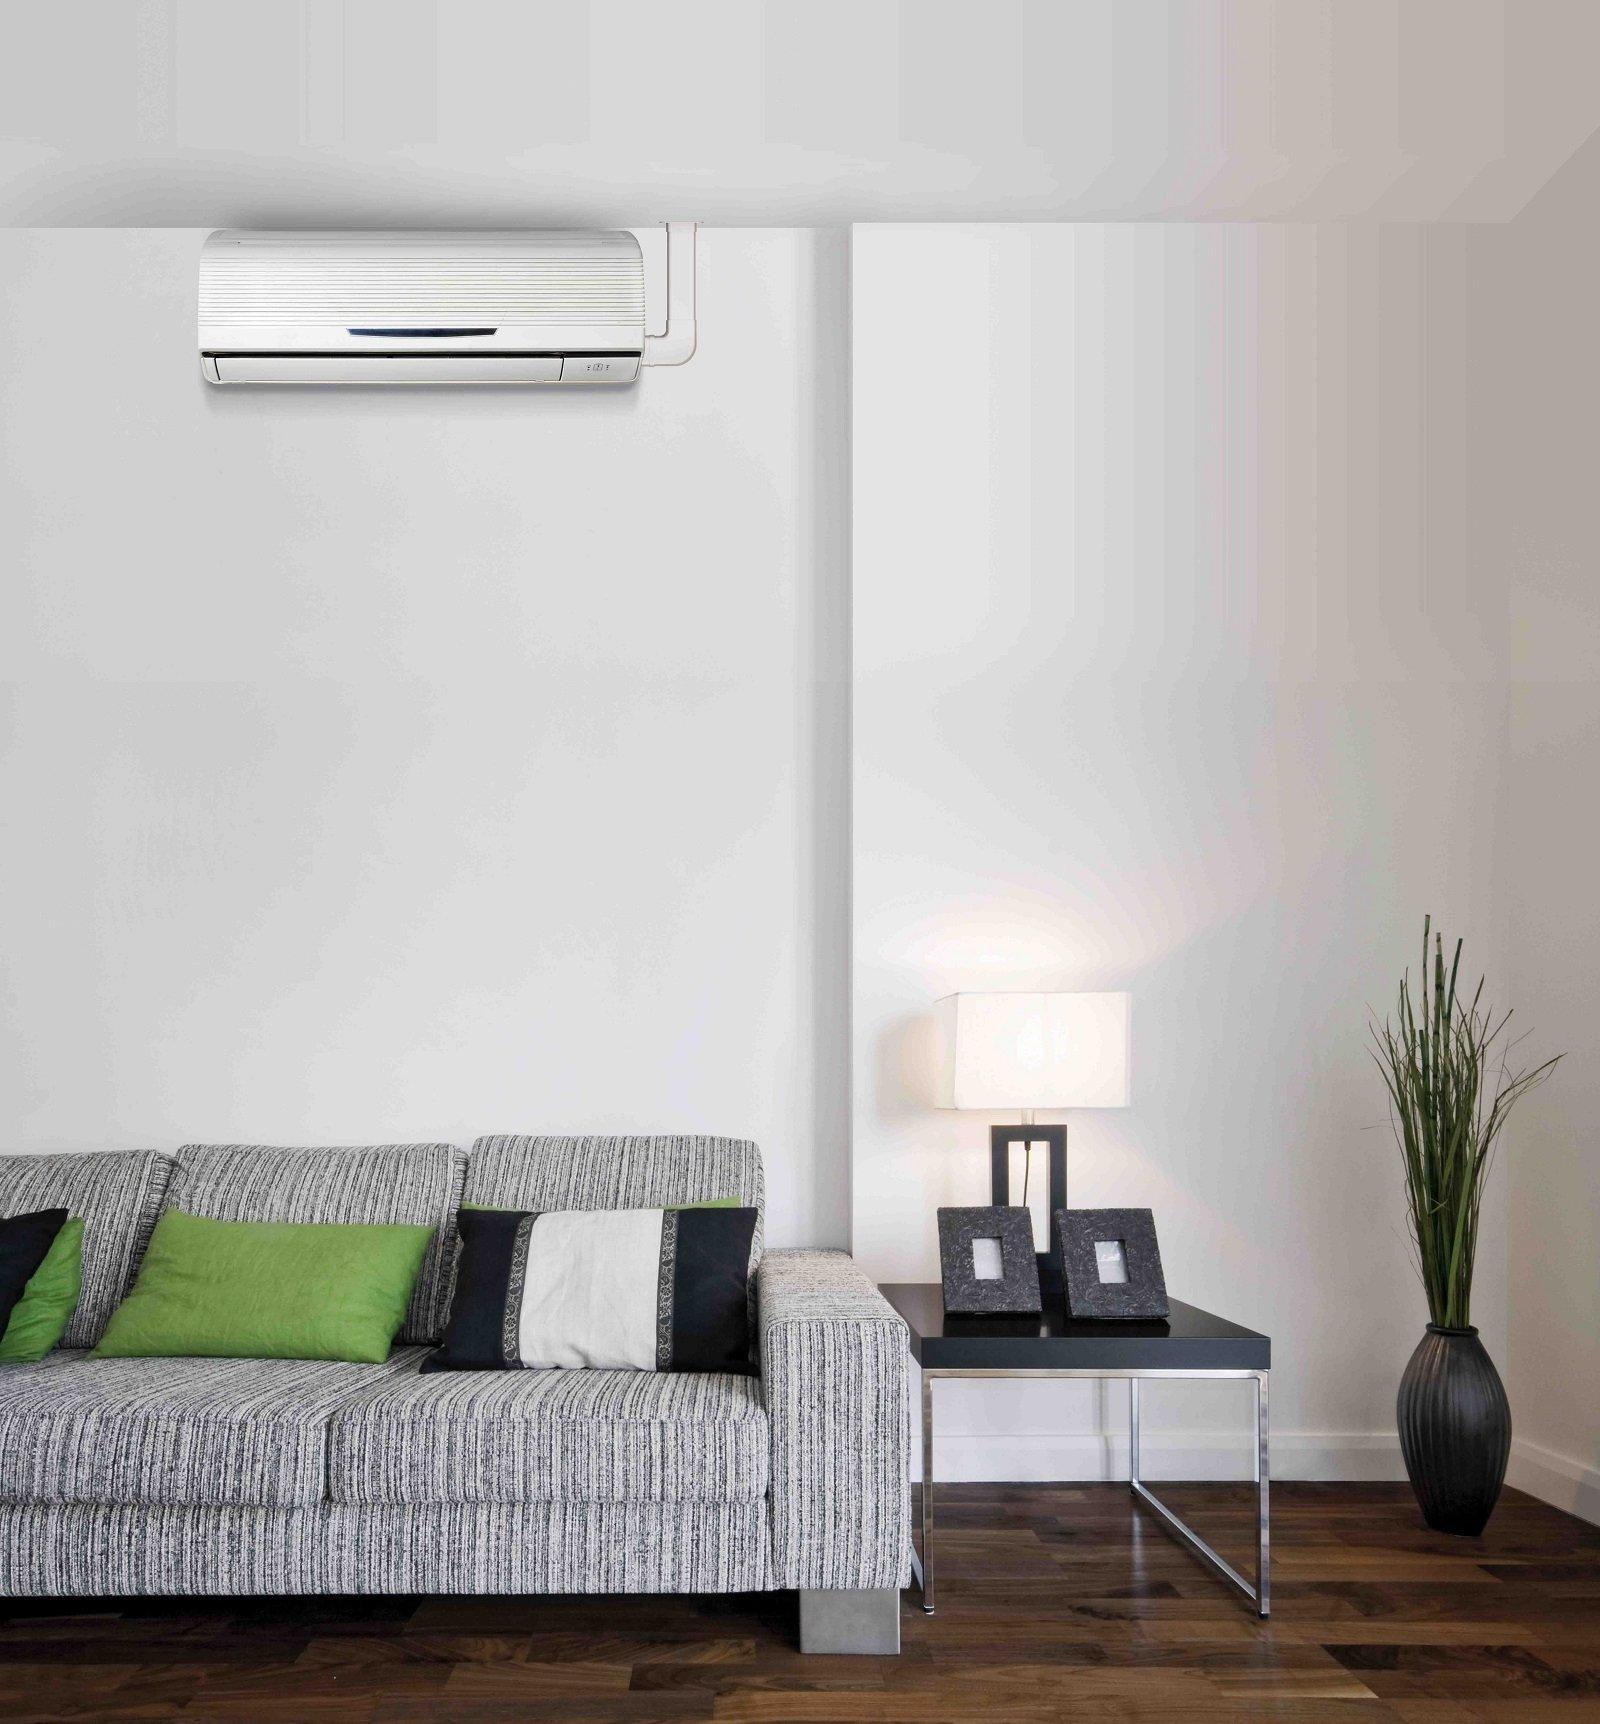 Come smaltire la condensa del climatizzatore cose di casa for Canaline per tubi riscaldamento